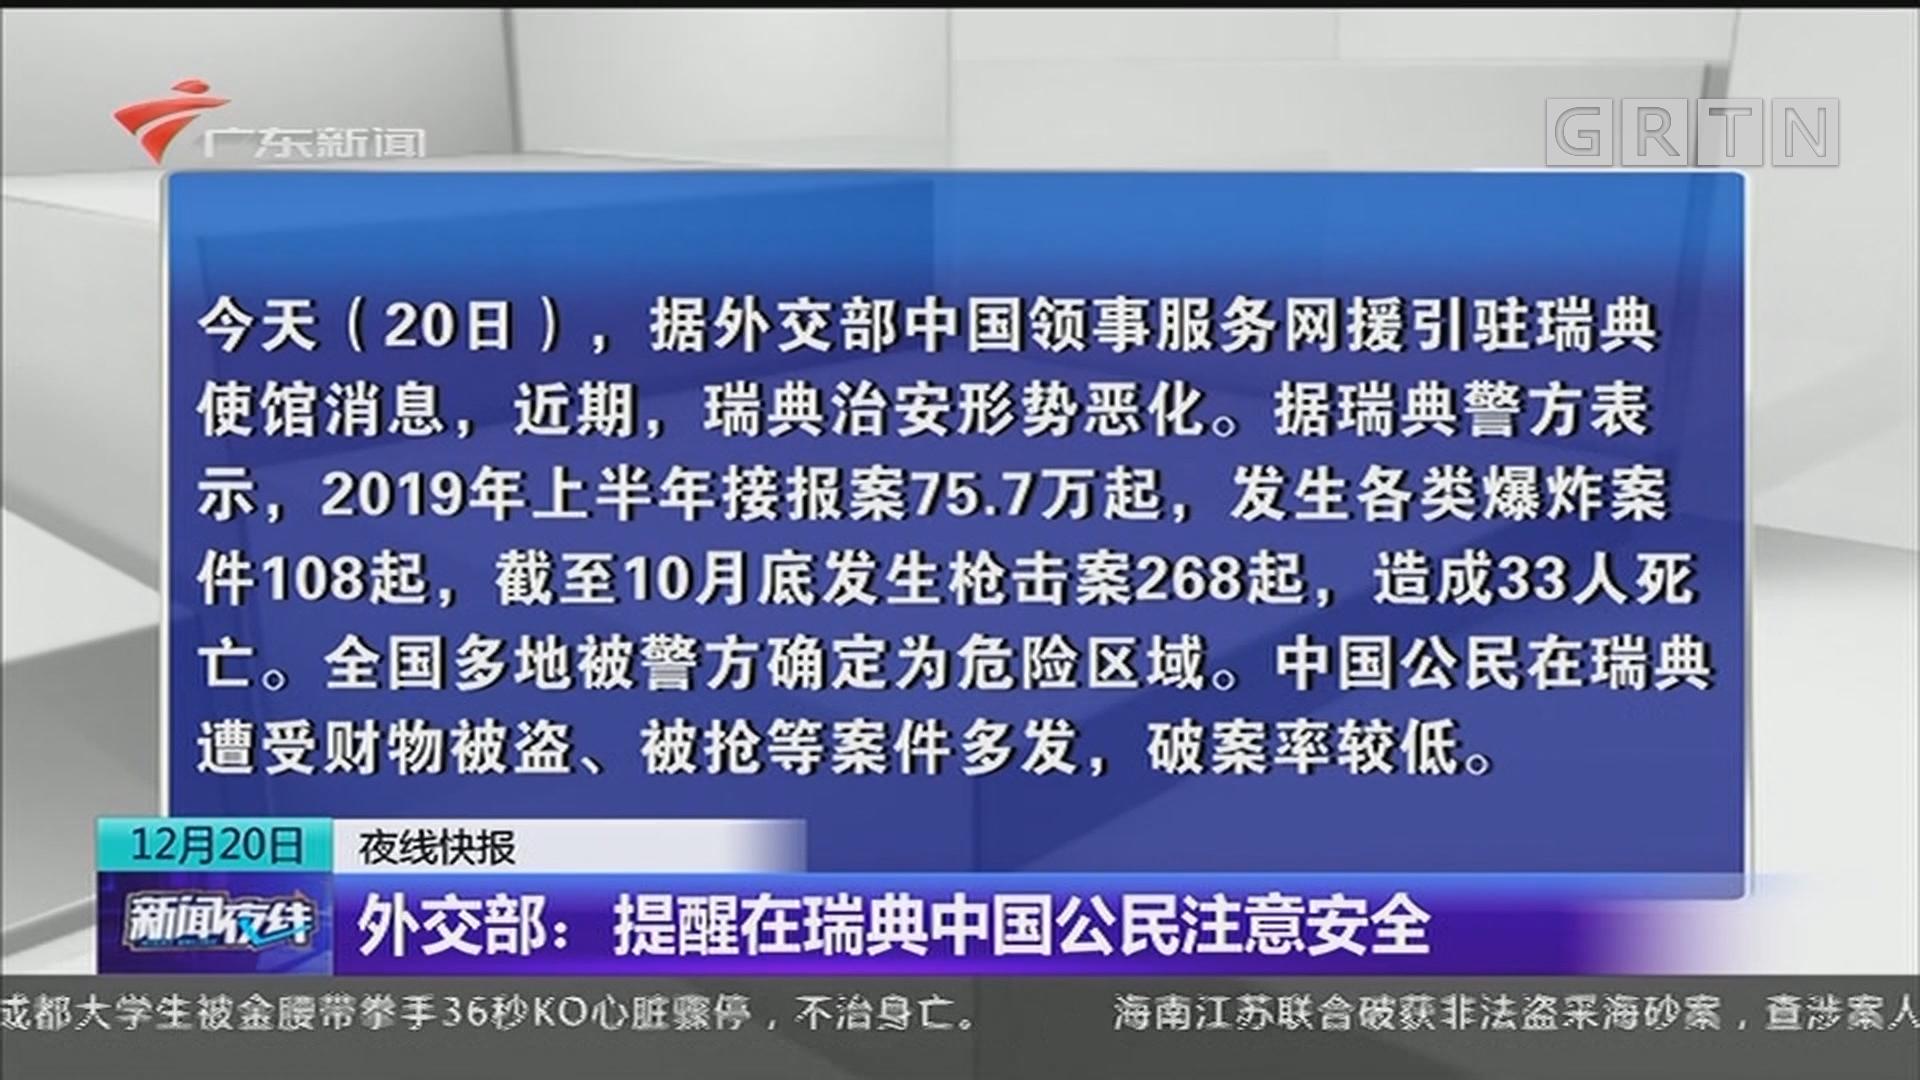 外交部:提醒在瑞典中国公民注意安全